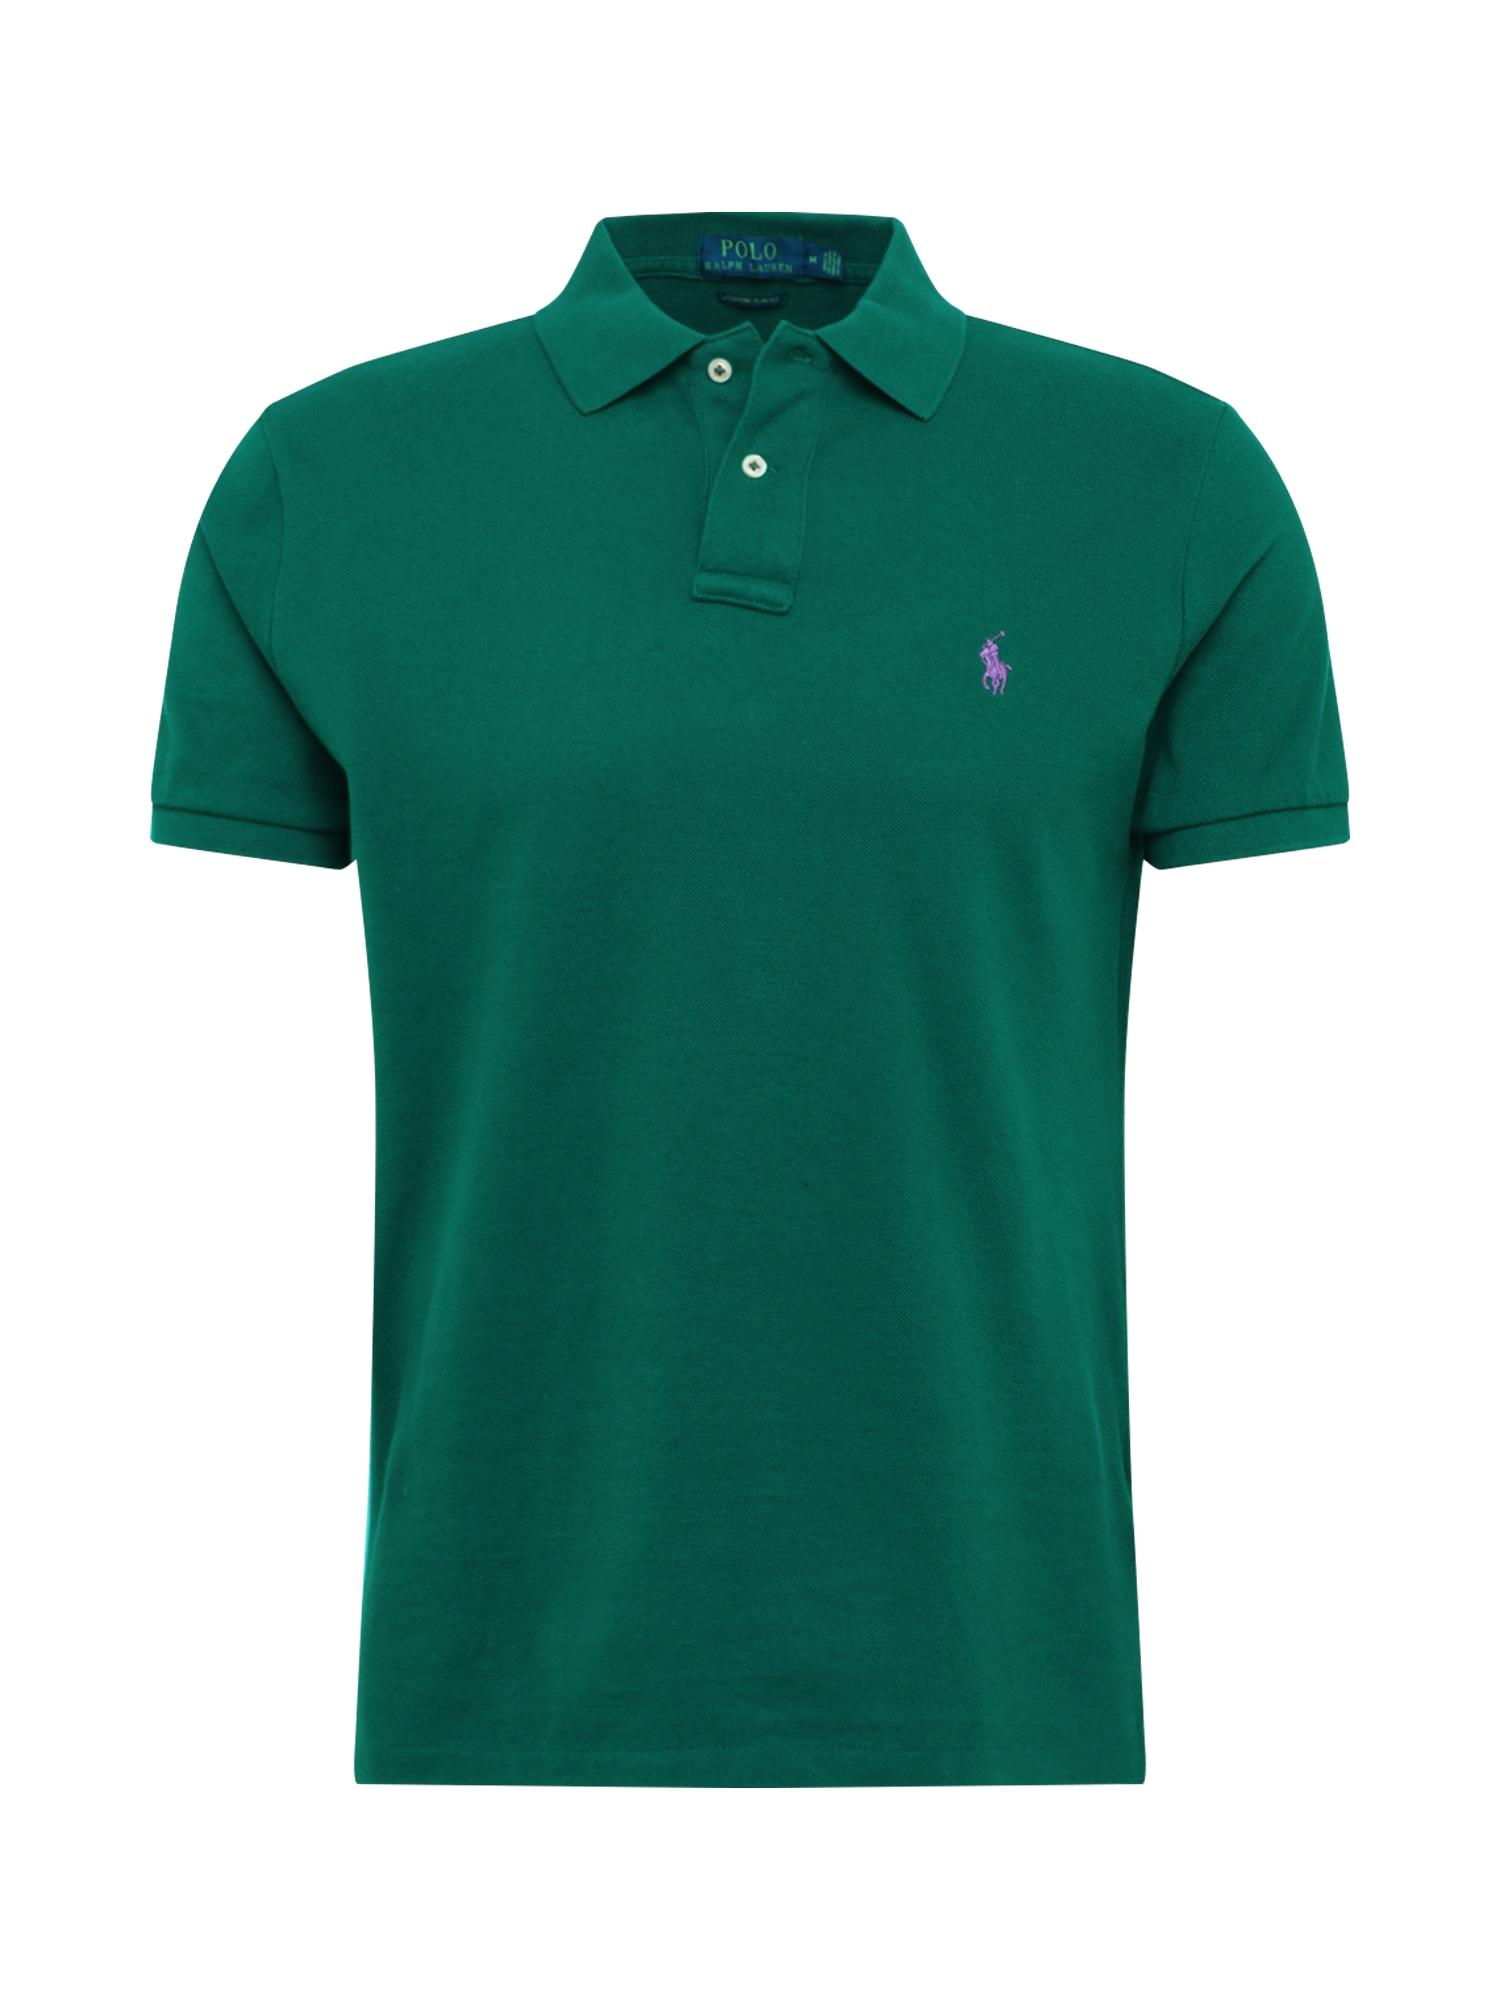 POLO RALPH LAUREN Marškinėliai žalia